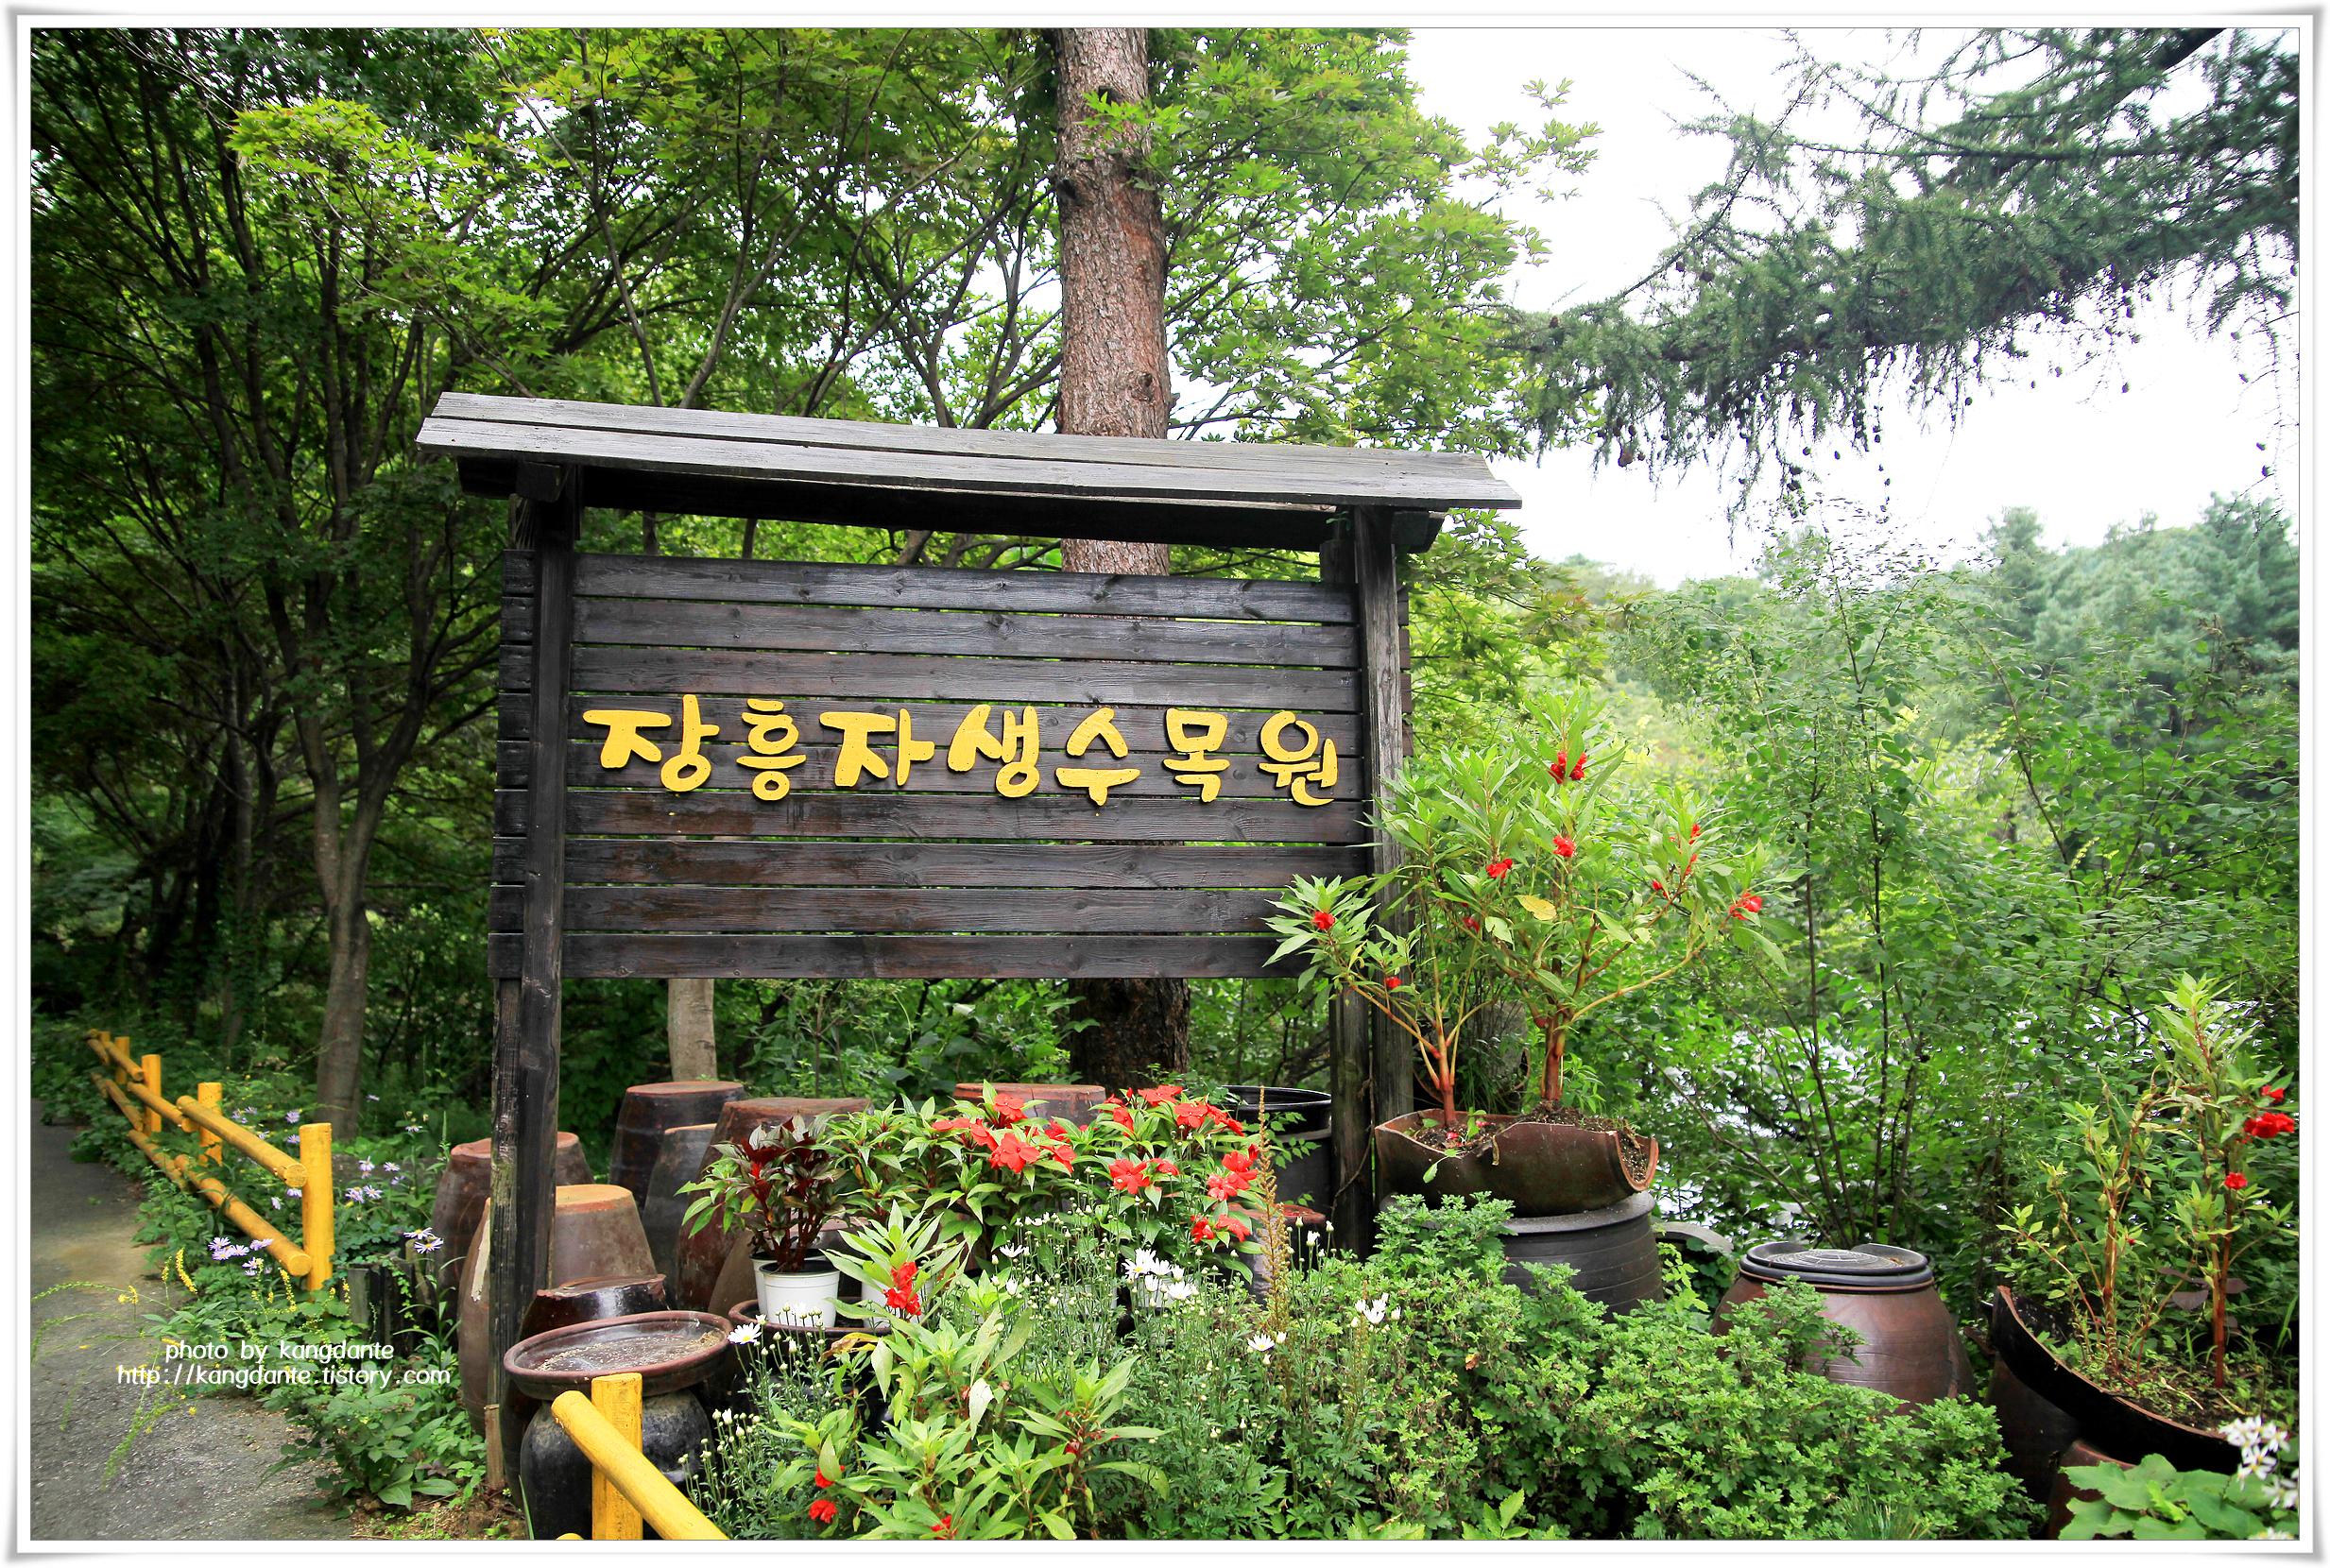 자연림으로 조성되어 산림욕하기 좋은 장흥자생수목원